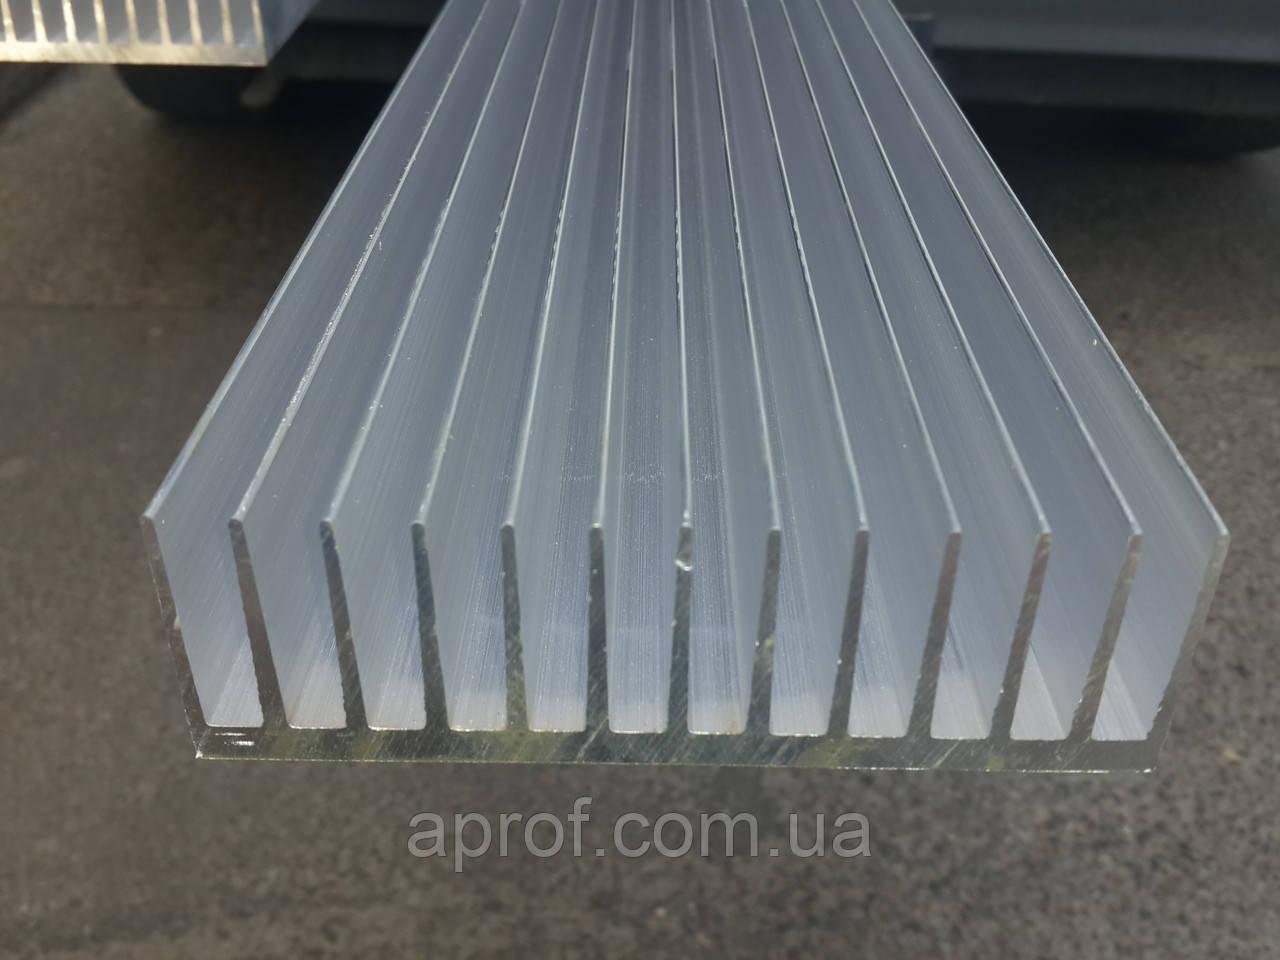 Радиаторный алюминиевый профиль 122х38 мм